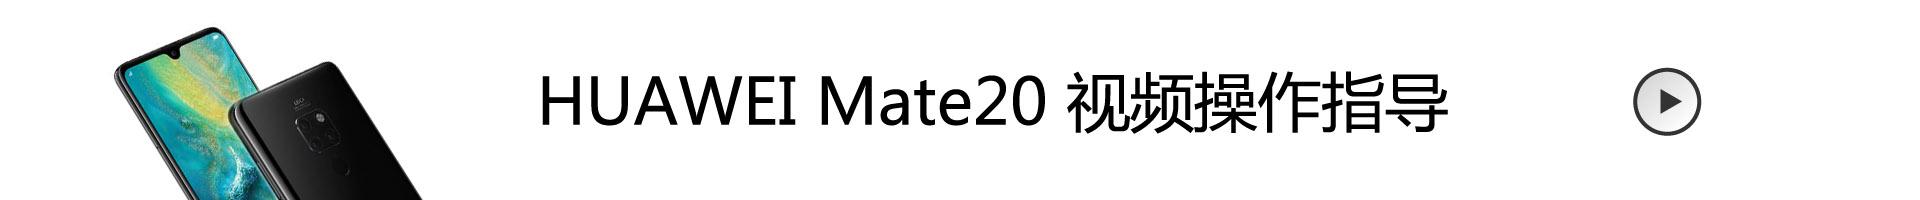 华为商城-HUAWEI Mate 20-1920.jpg